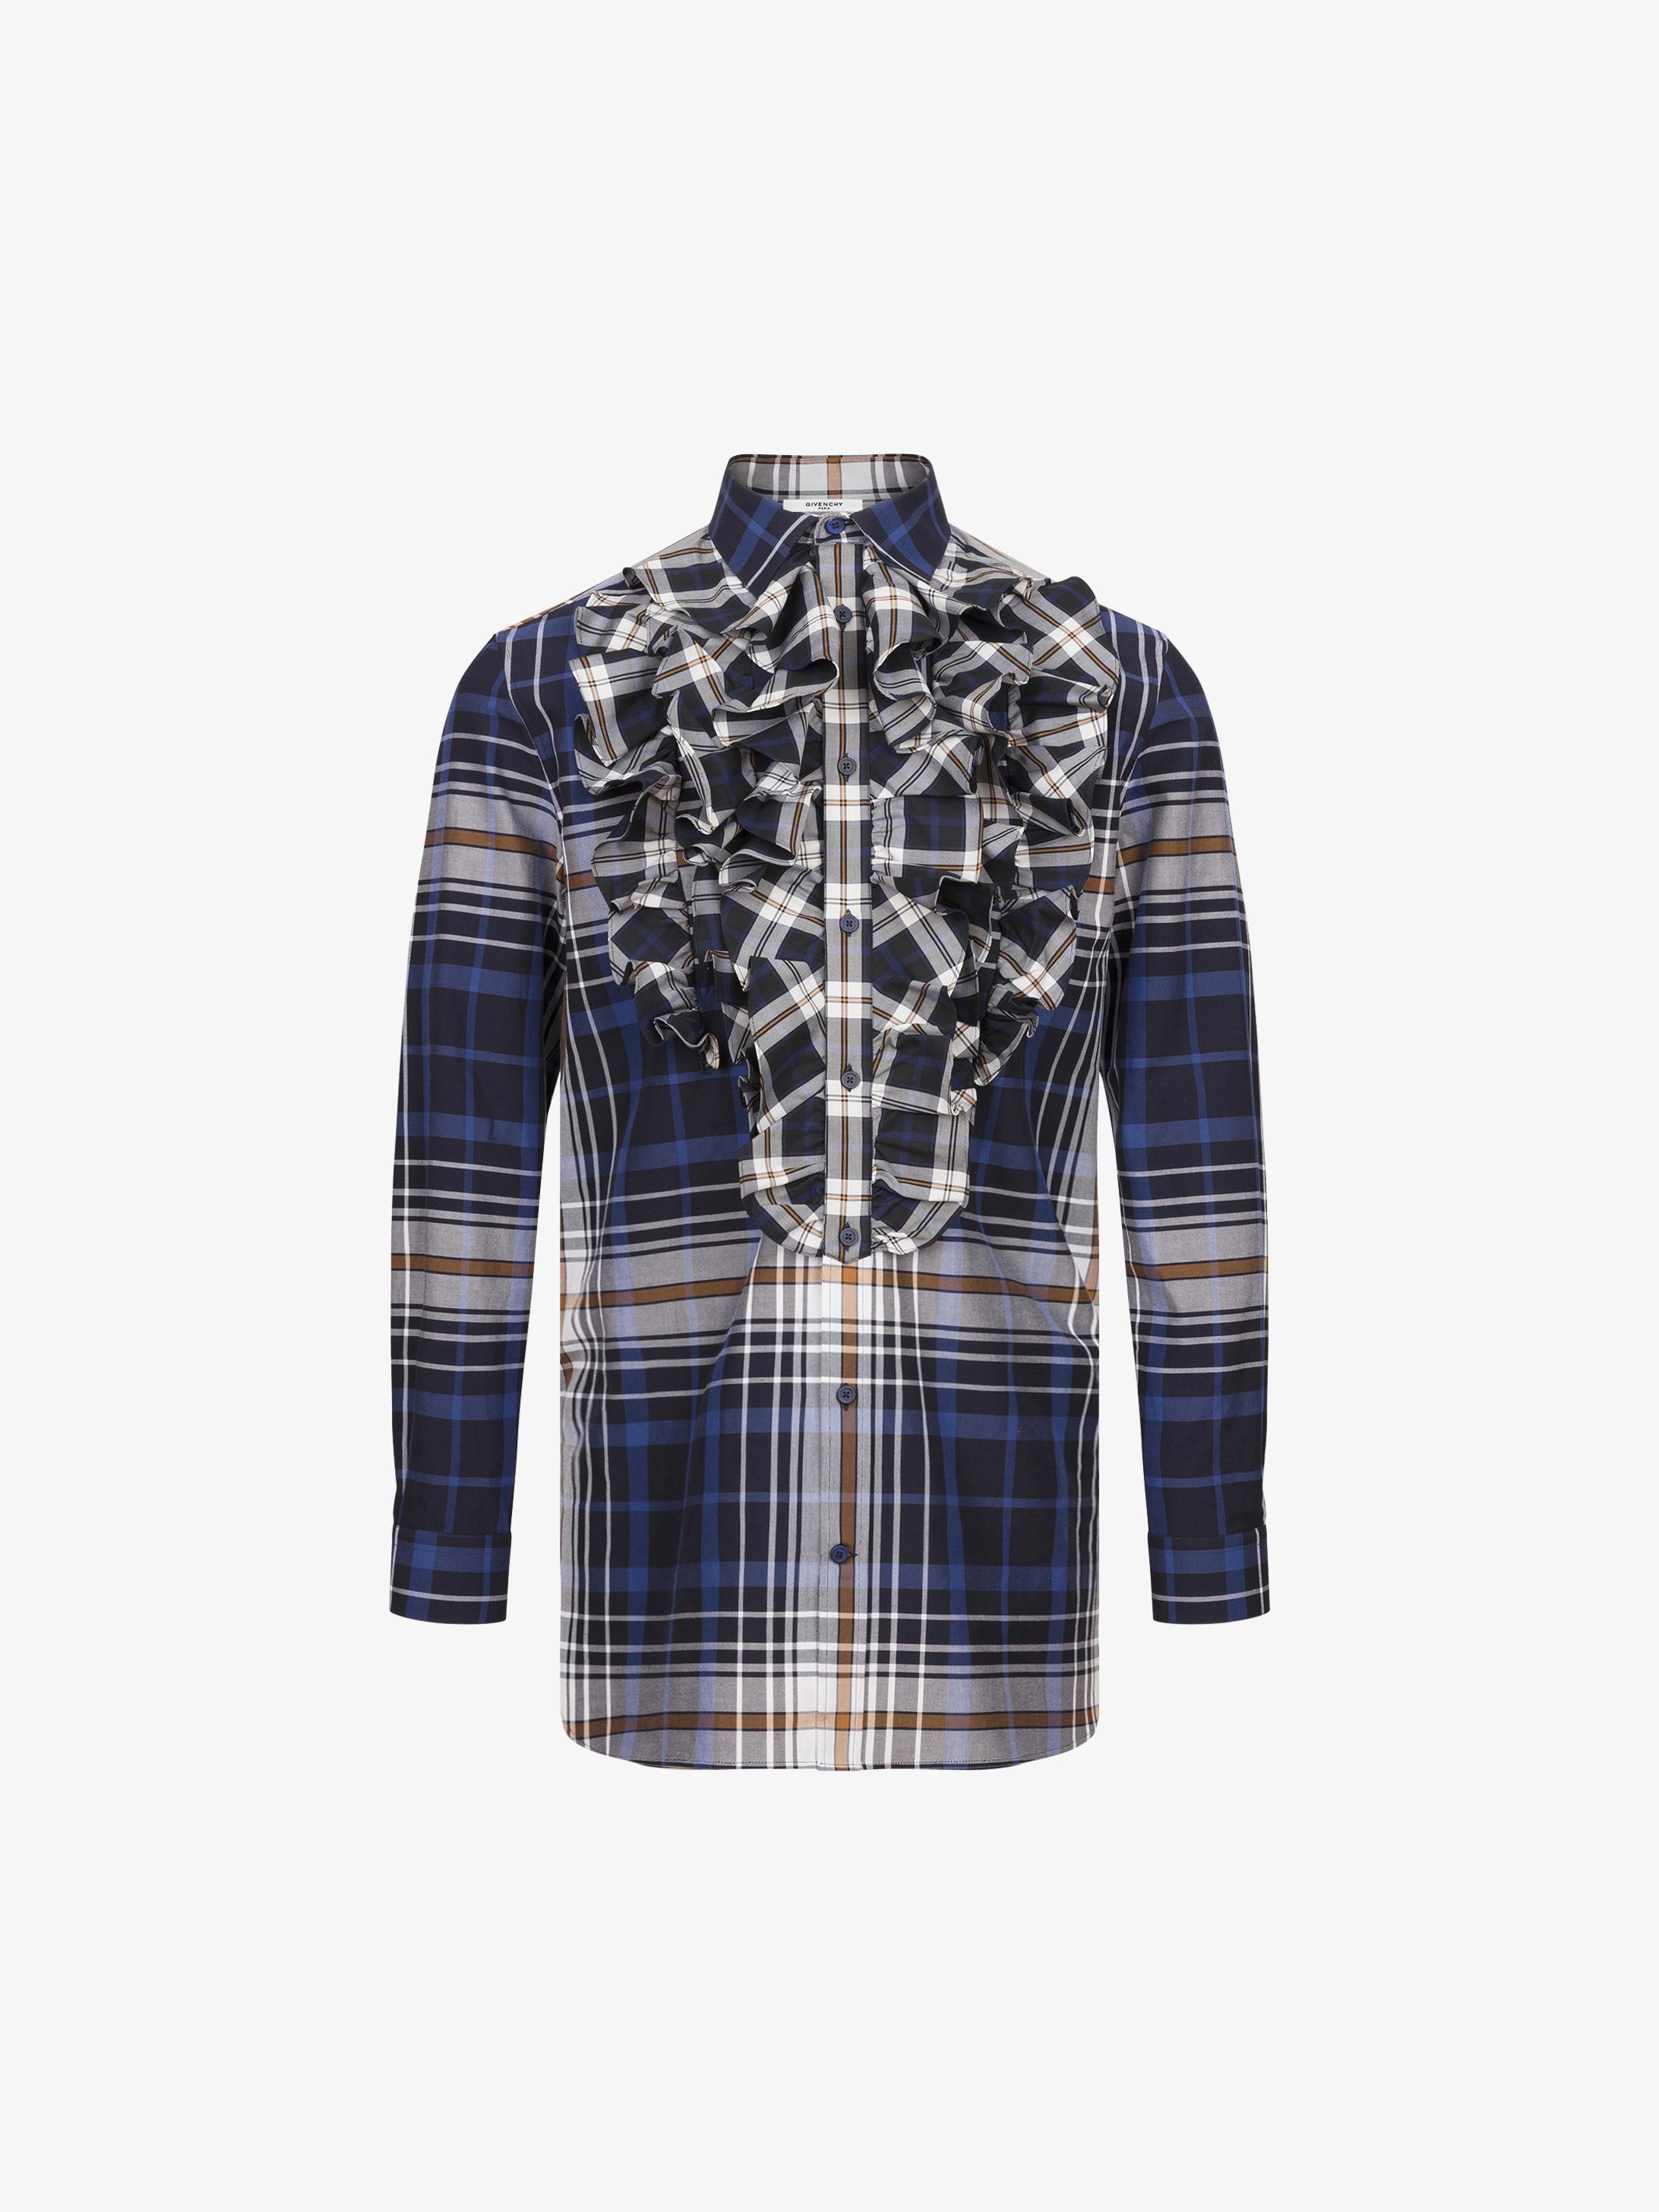 超大褶裥苏格兰格子衬衫